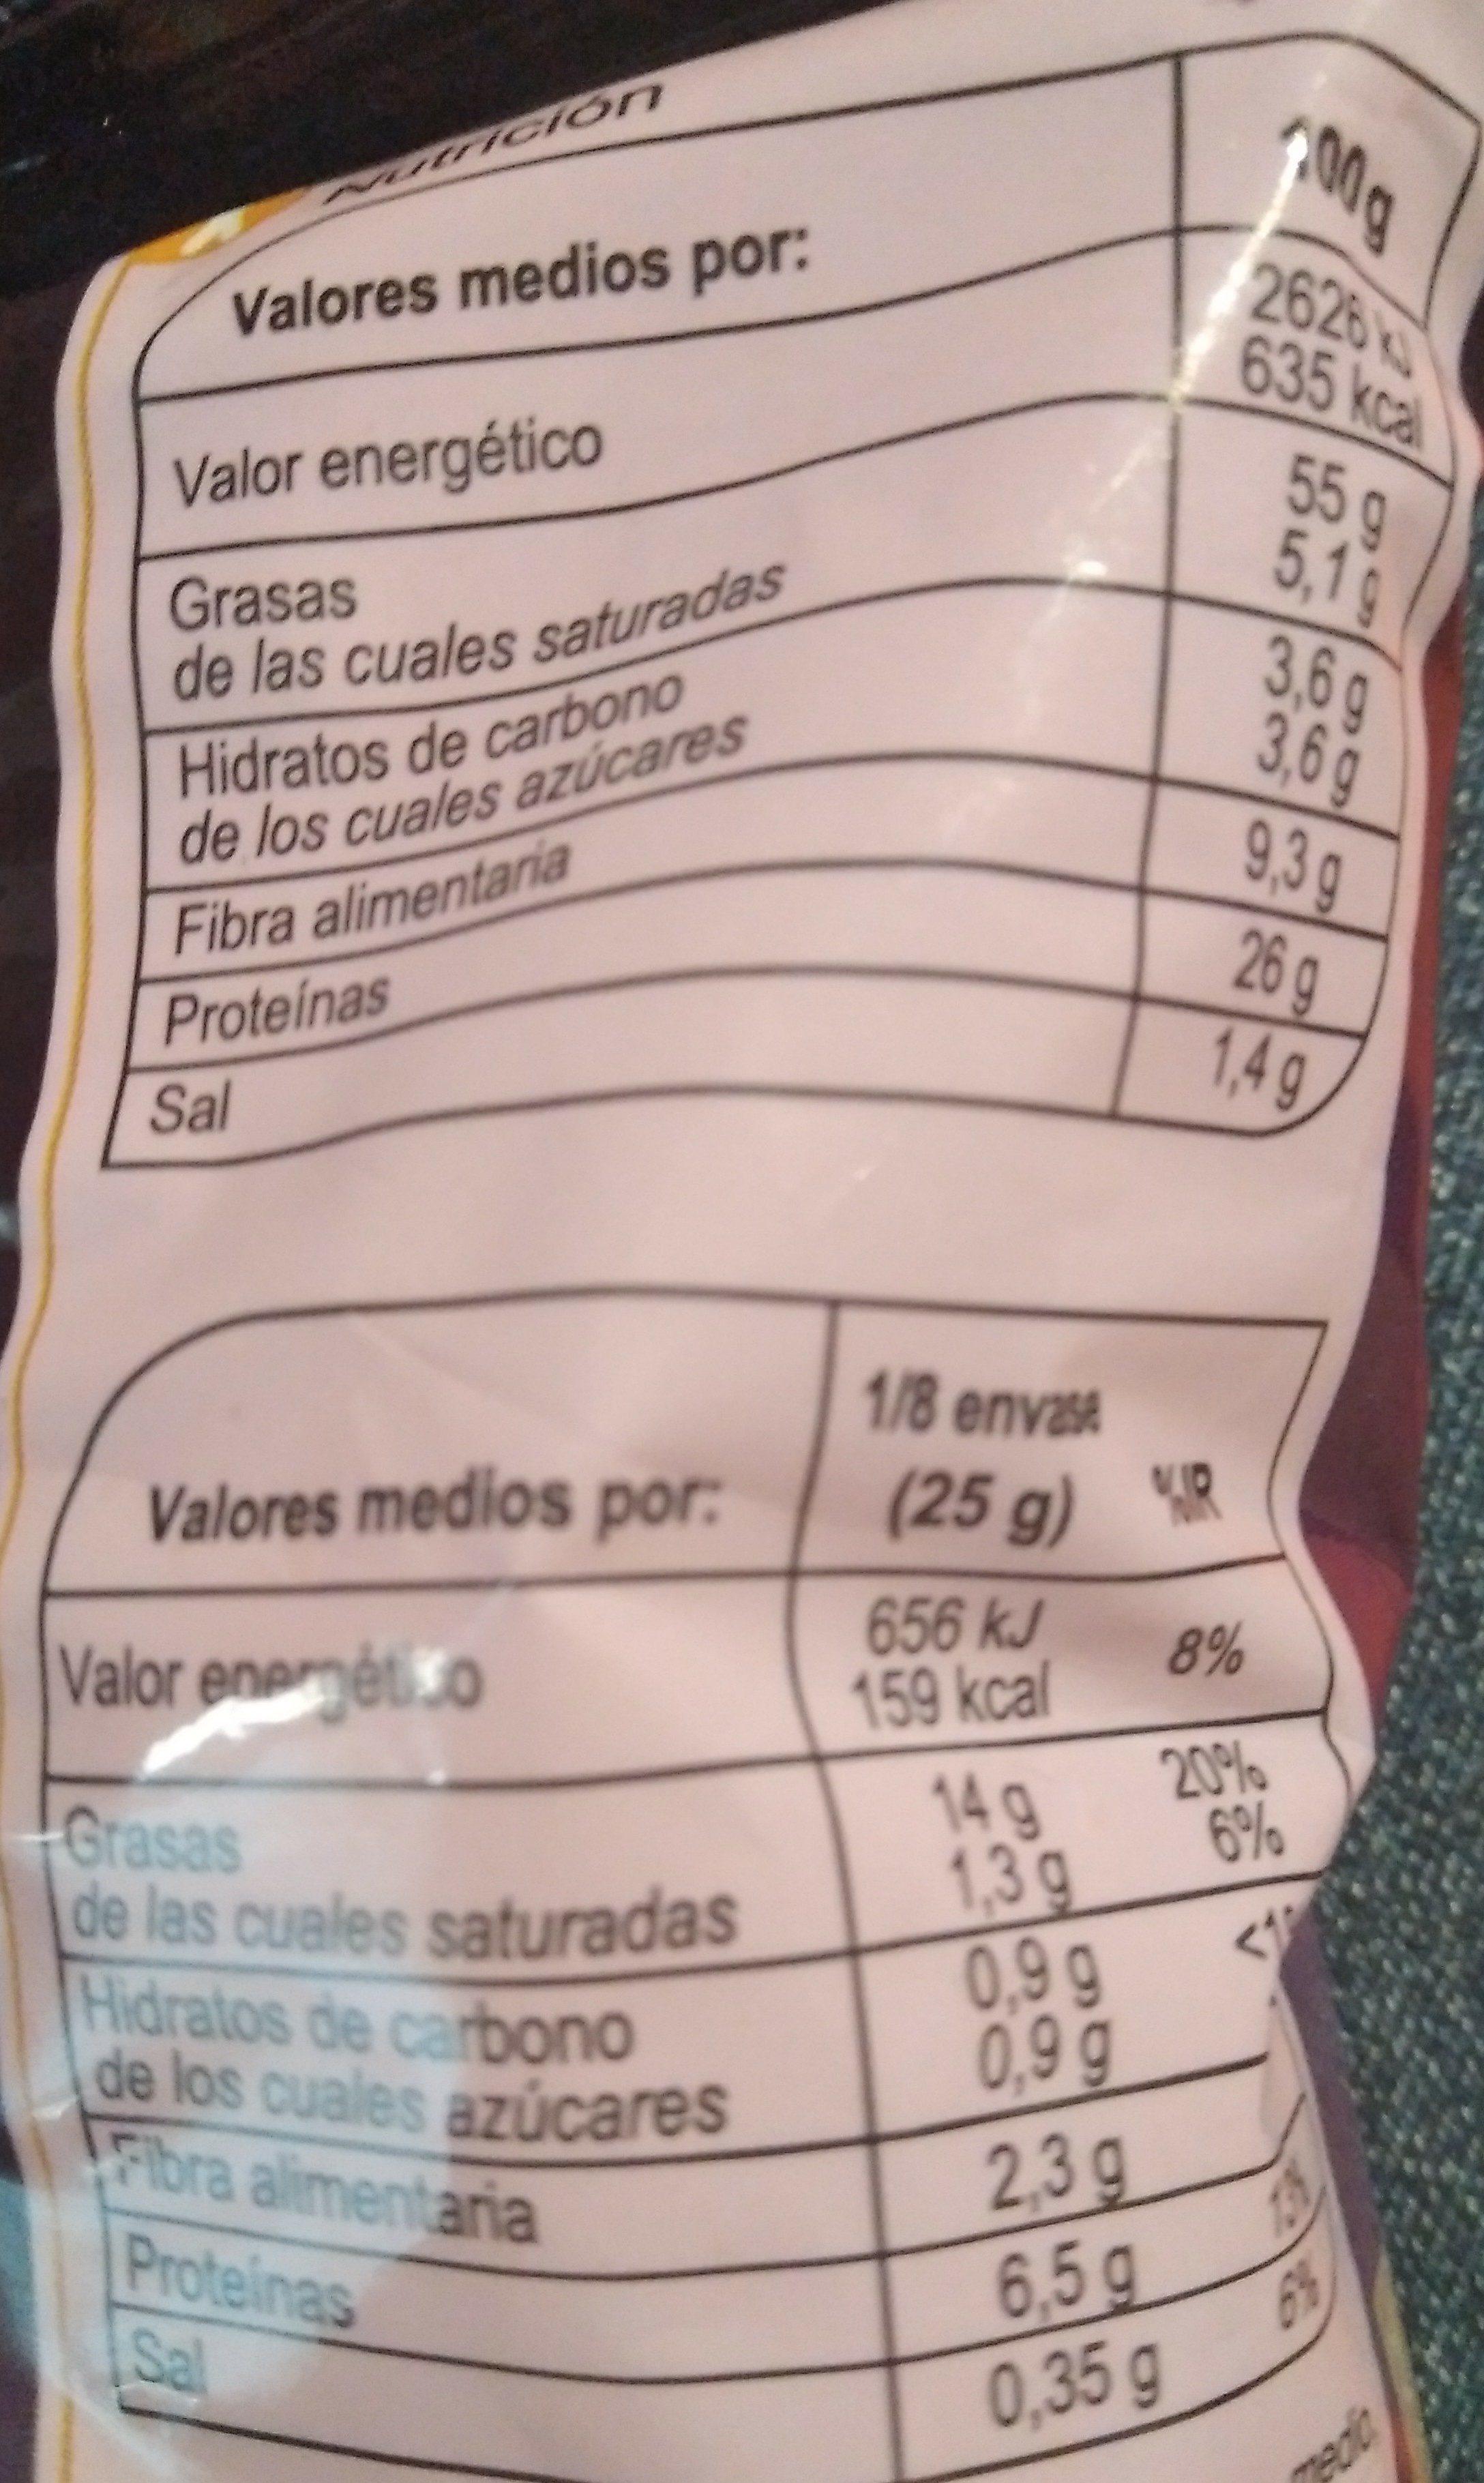 Almendras fritas saladas - Informació nutricional